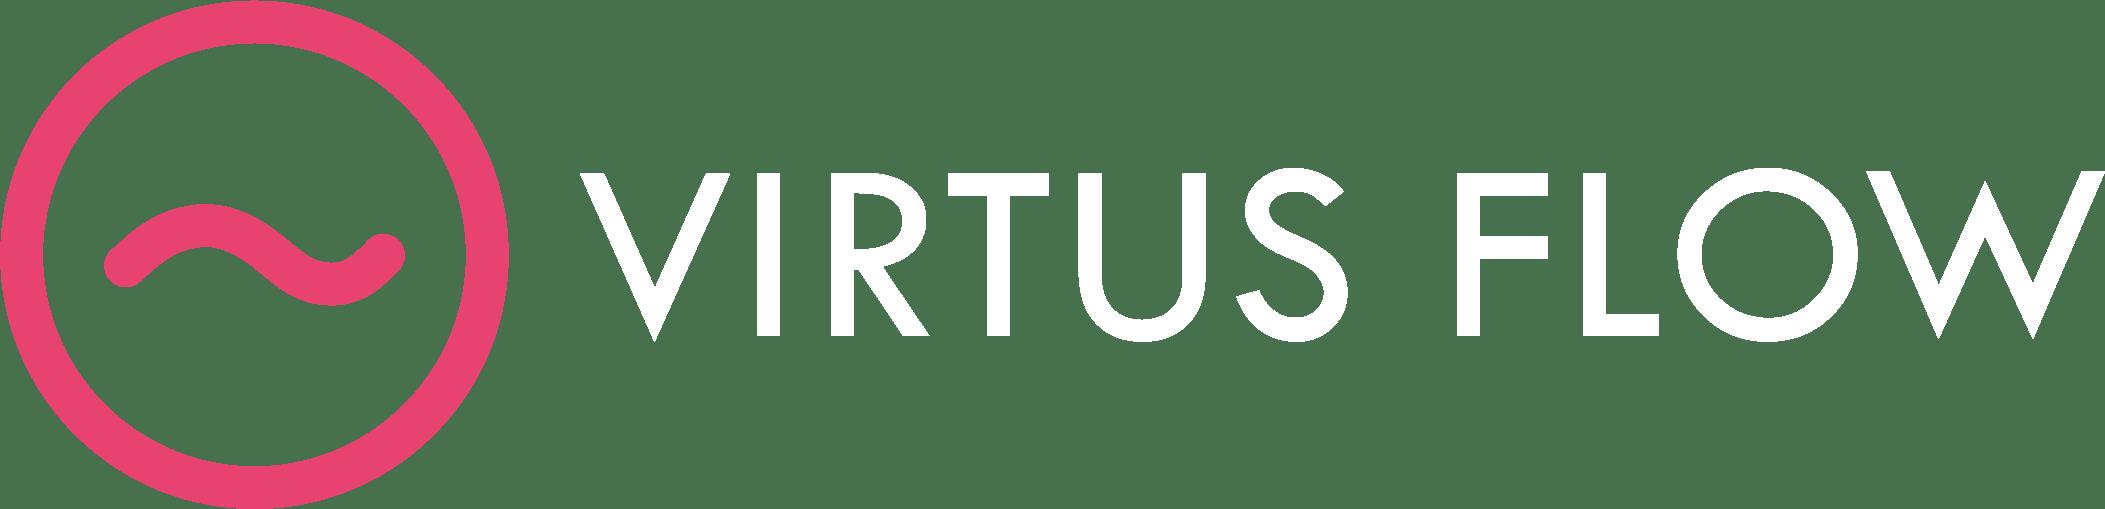 Virtus Flow